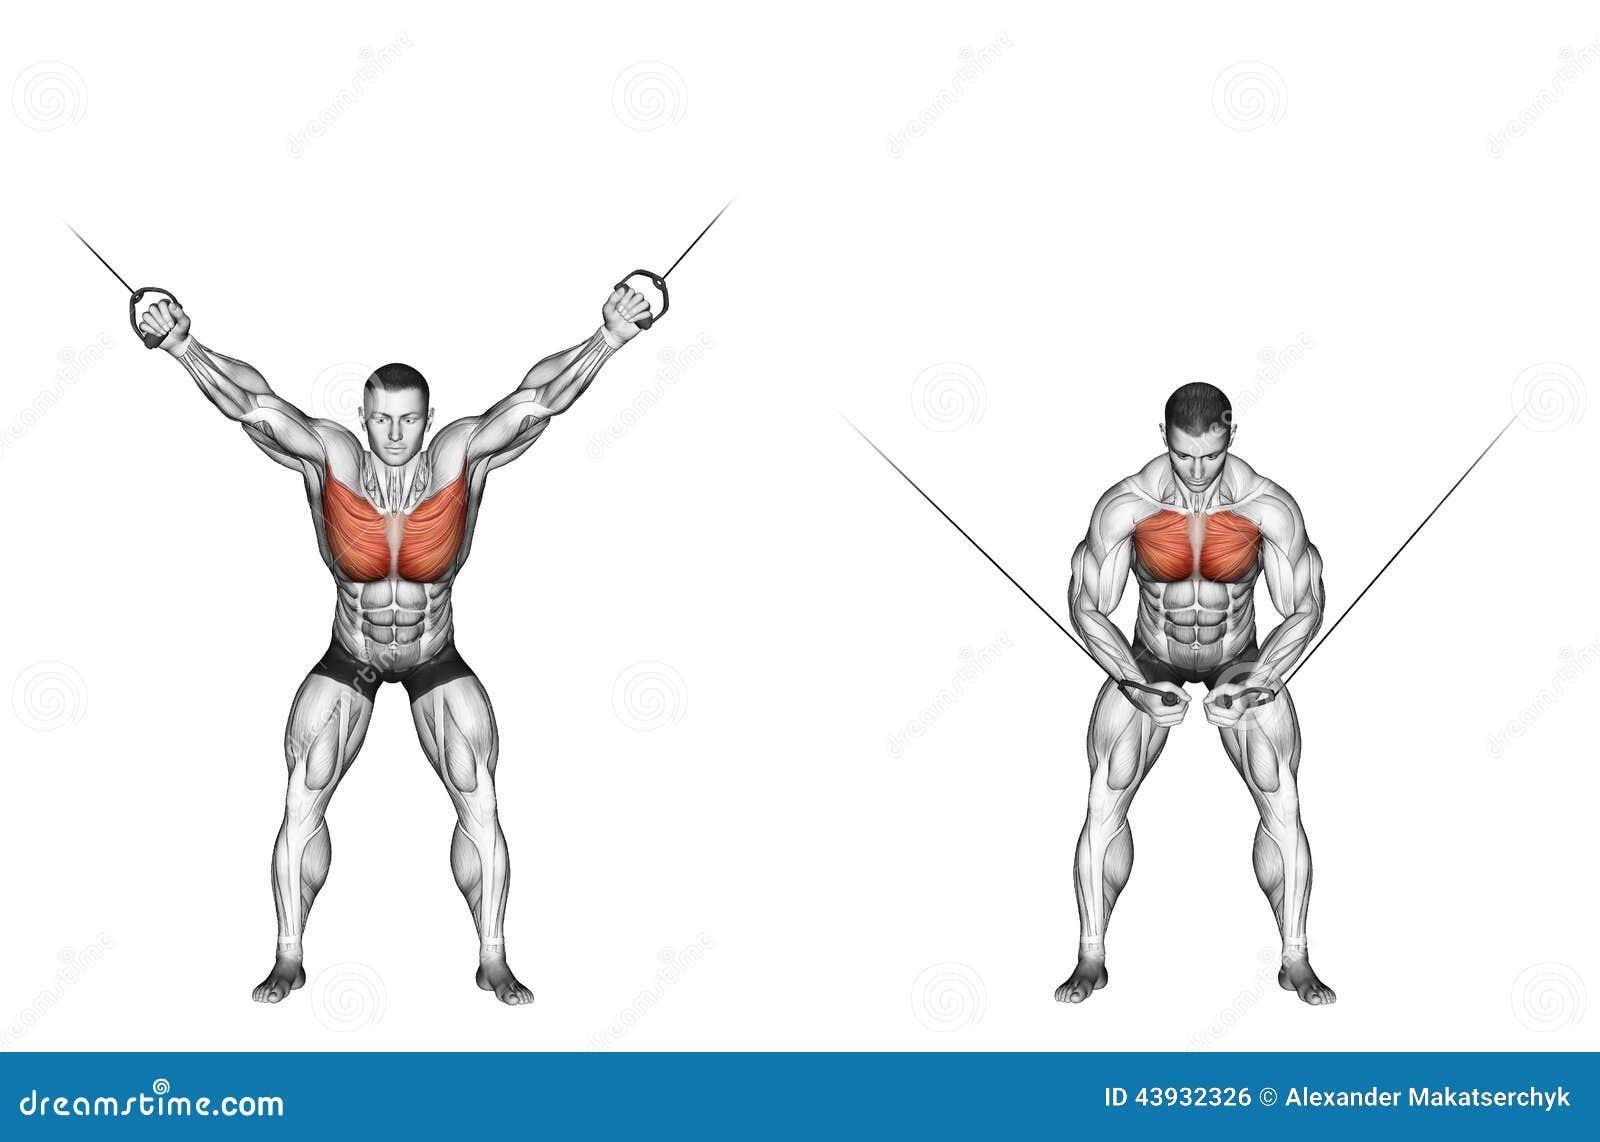 Exercising Reduction Of The Upper Blocks Cross Ov Stock